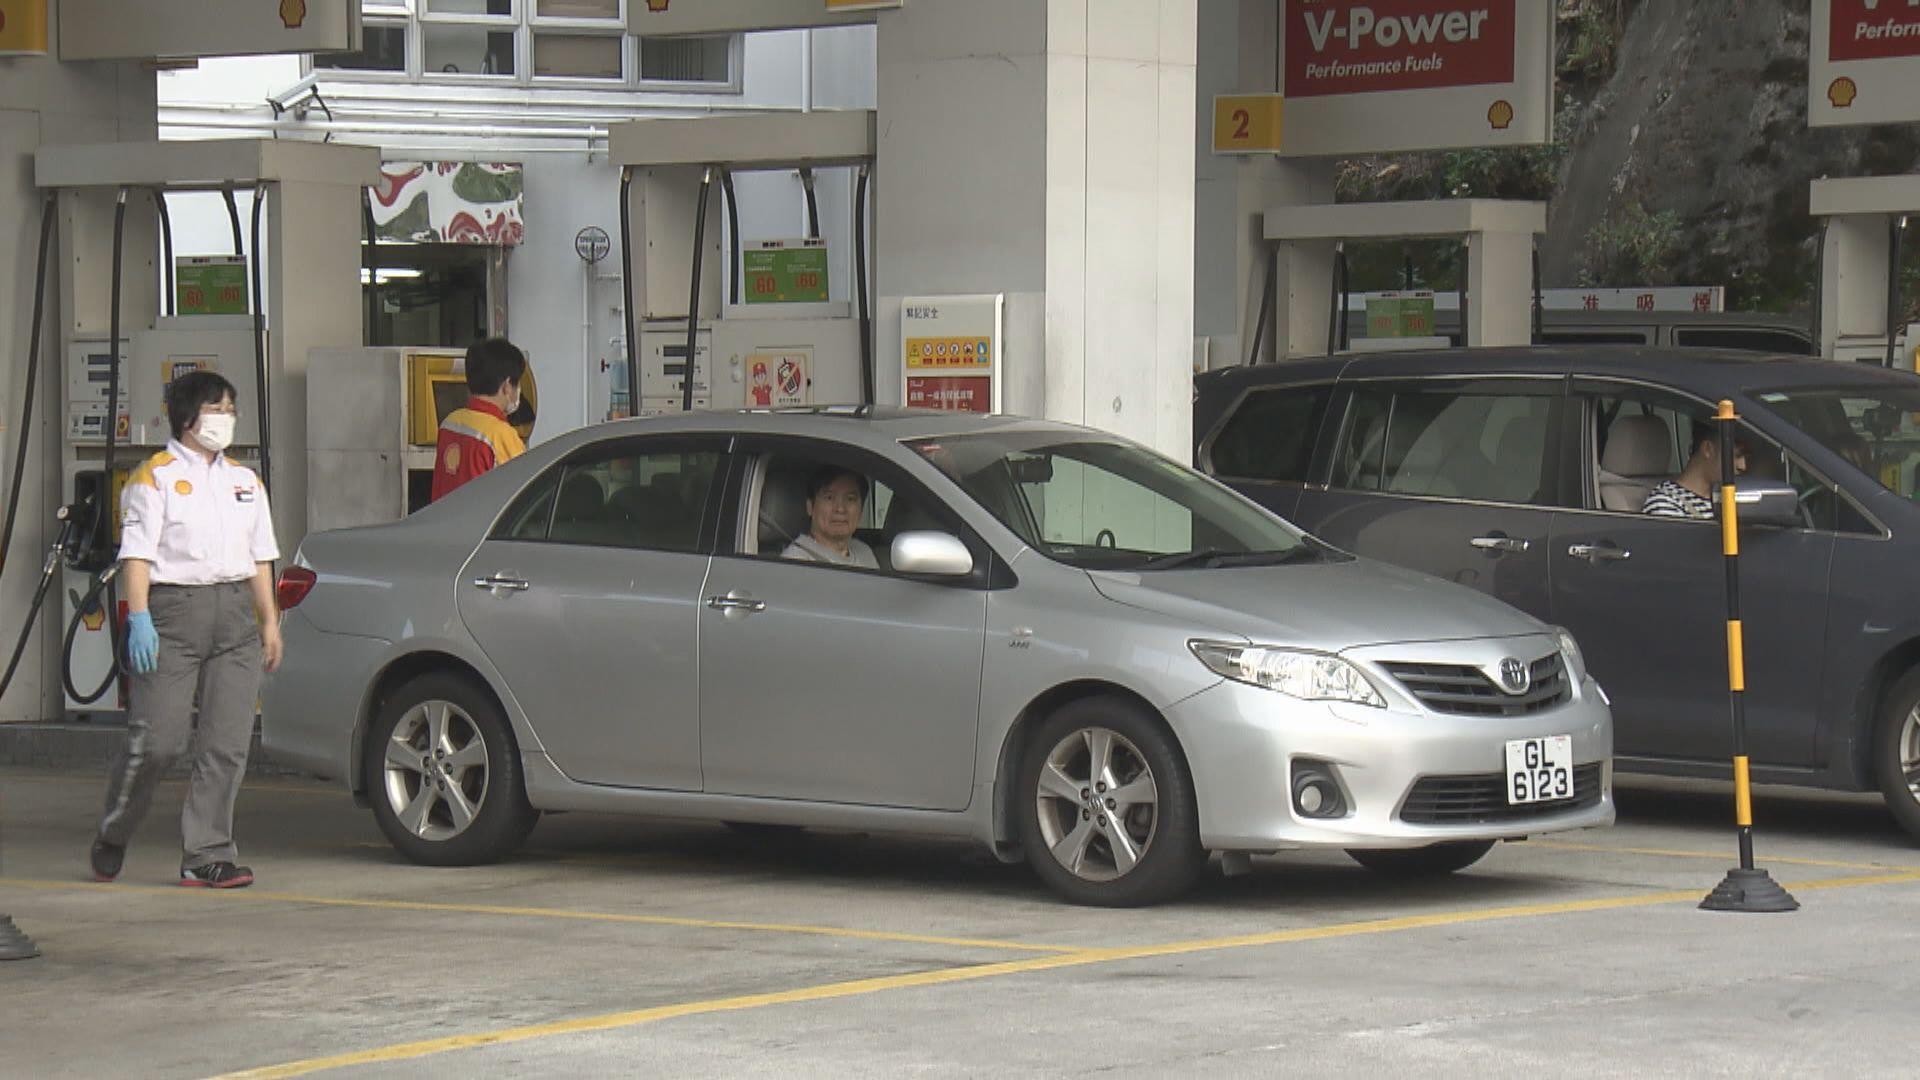 黃錦星︰油價已多次下調 受不同因素影響